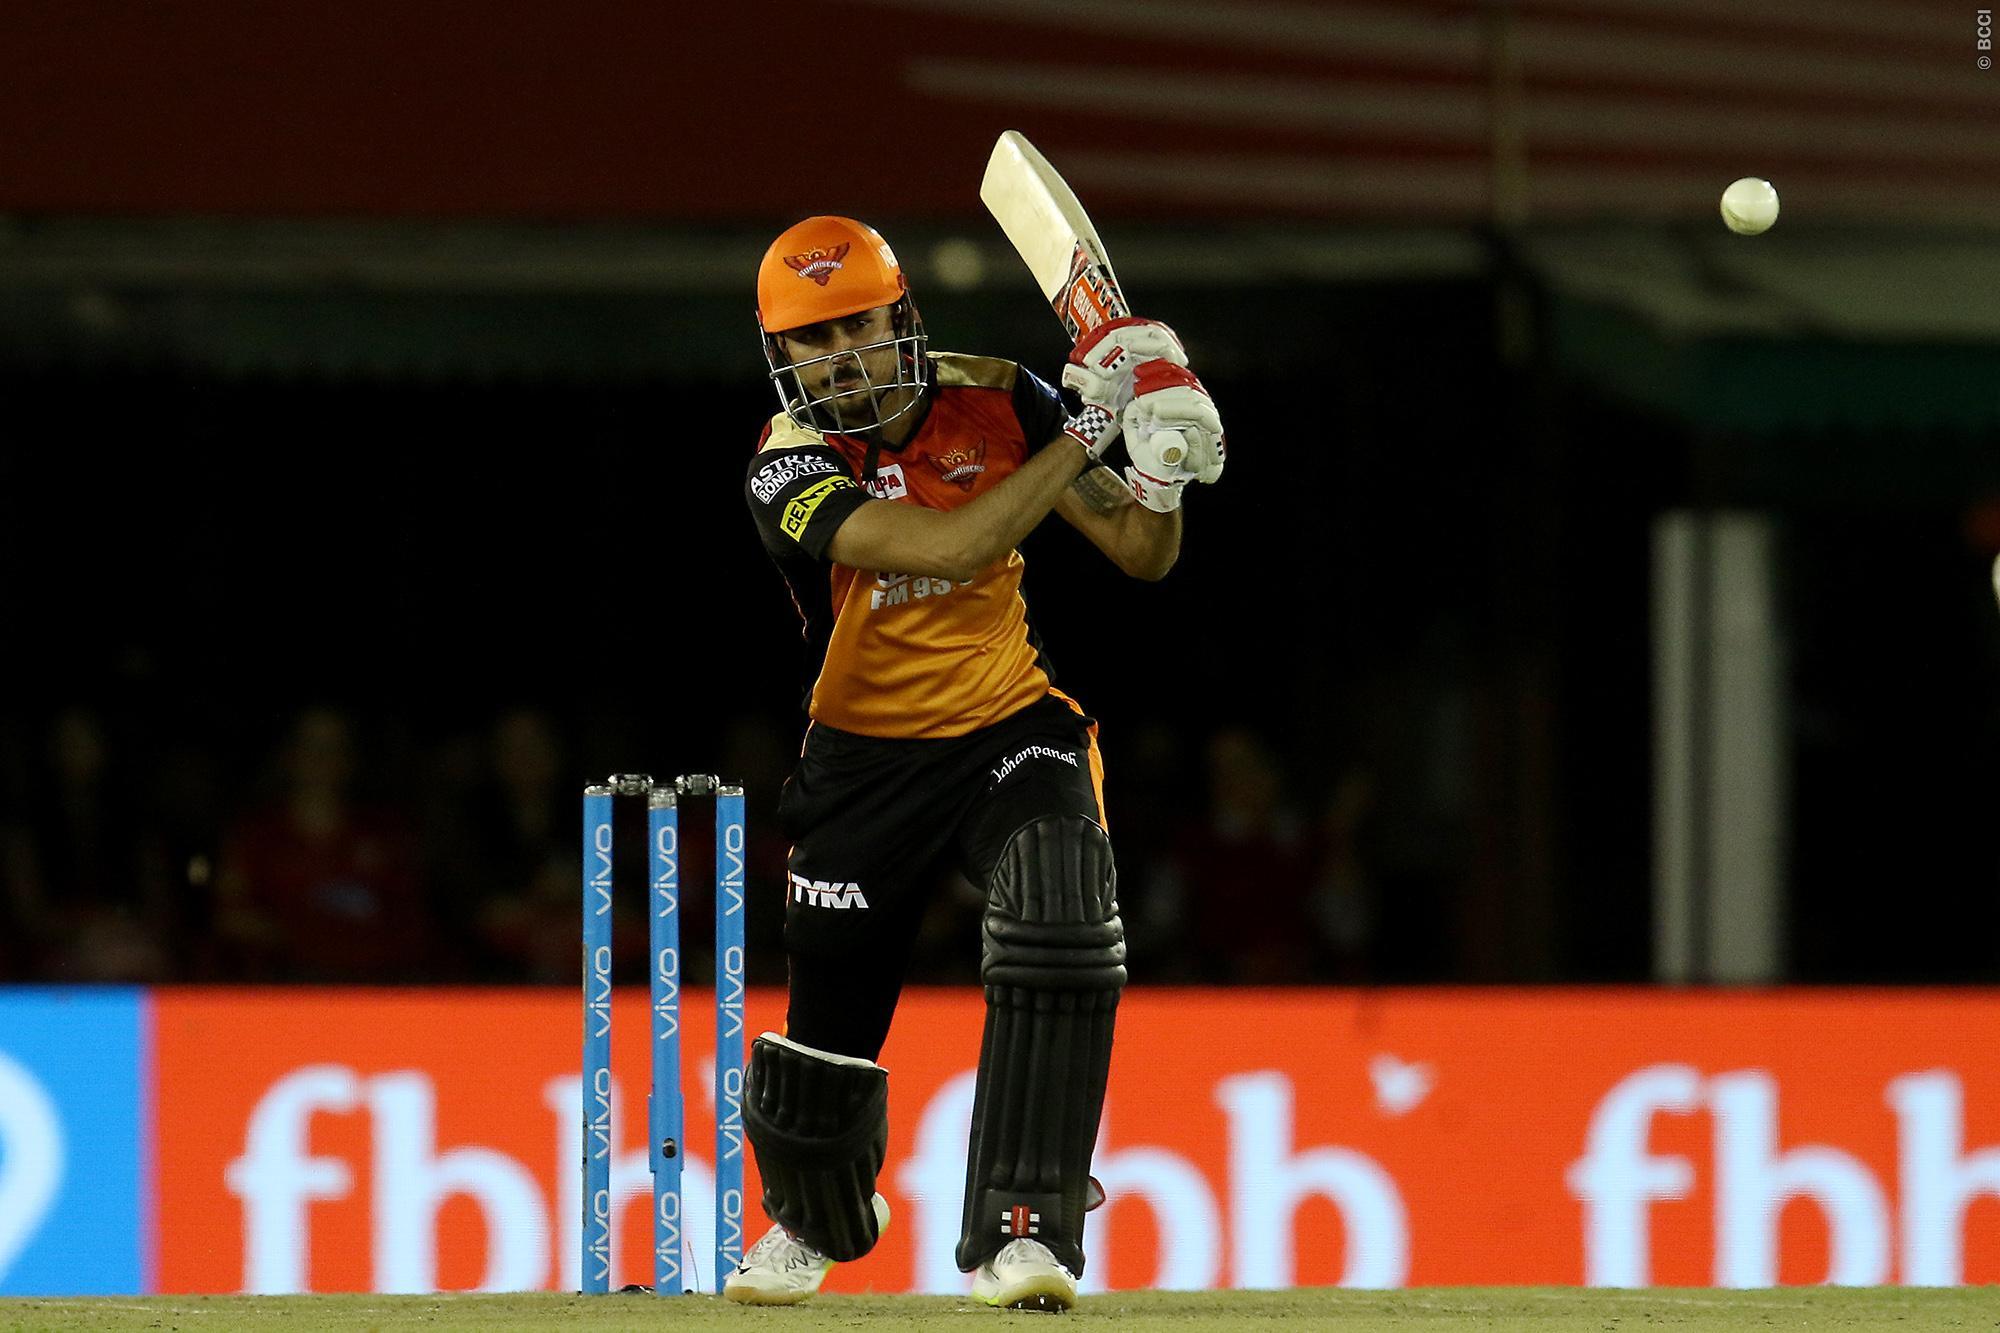 Statistical Preview: दिल्ली डेयरडेविल्स और सनराइजर्स हैदराबाद के मैच में बन सकते है ये रिकॉर्ड, सिर्फ आठ गेंद डालते ही अमित मिश्रा रच देंगे इतिहास 4